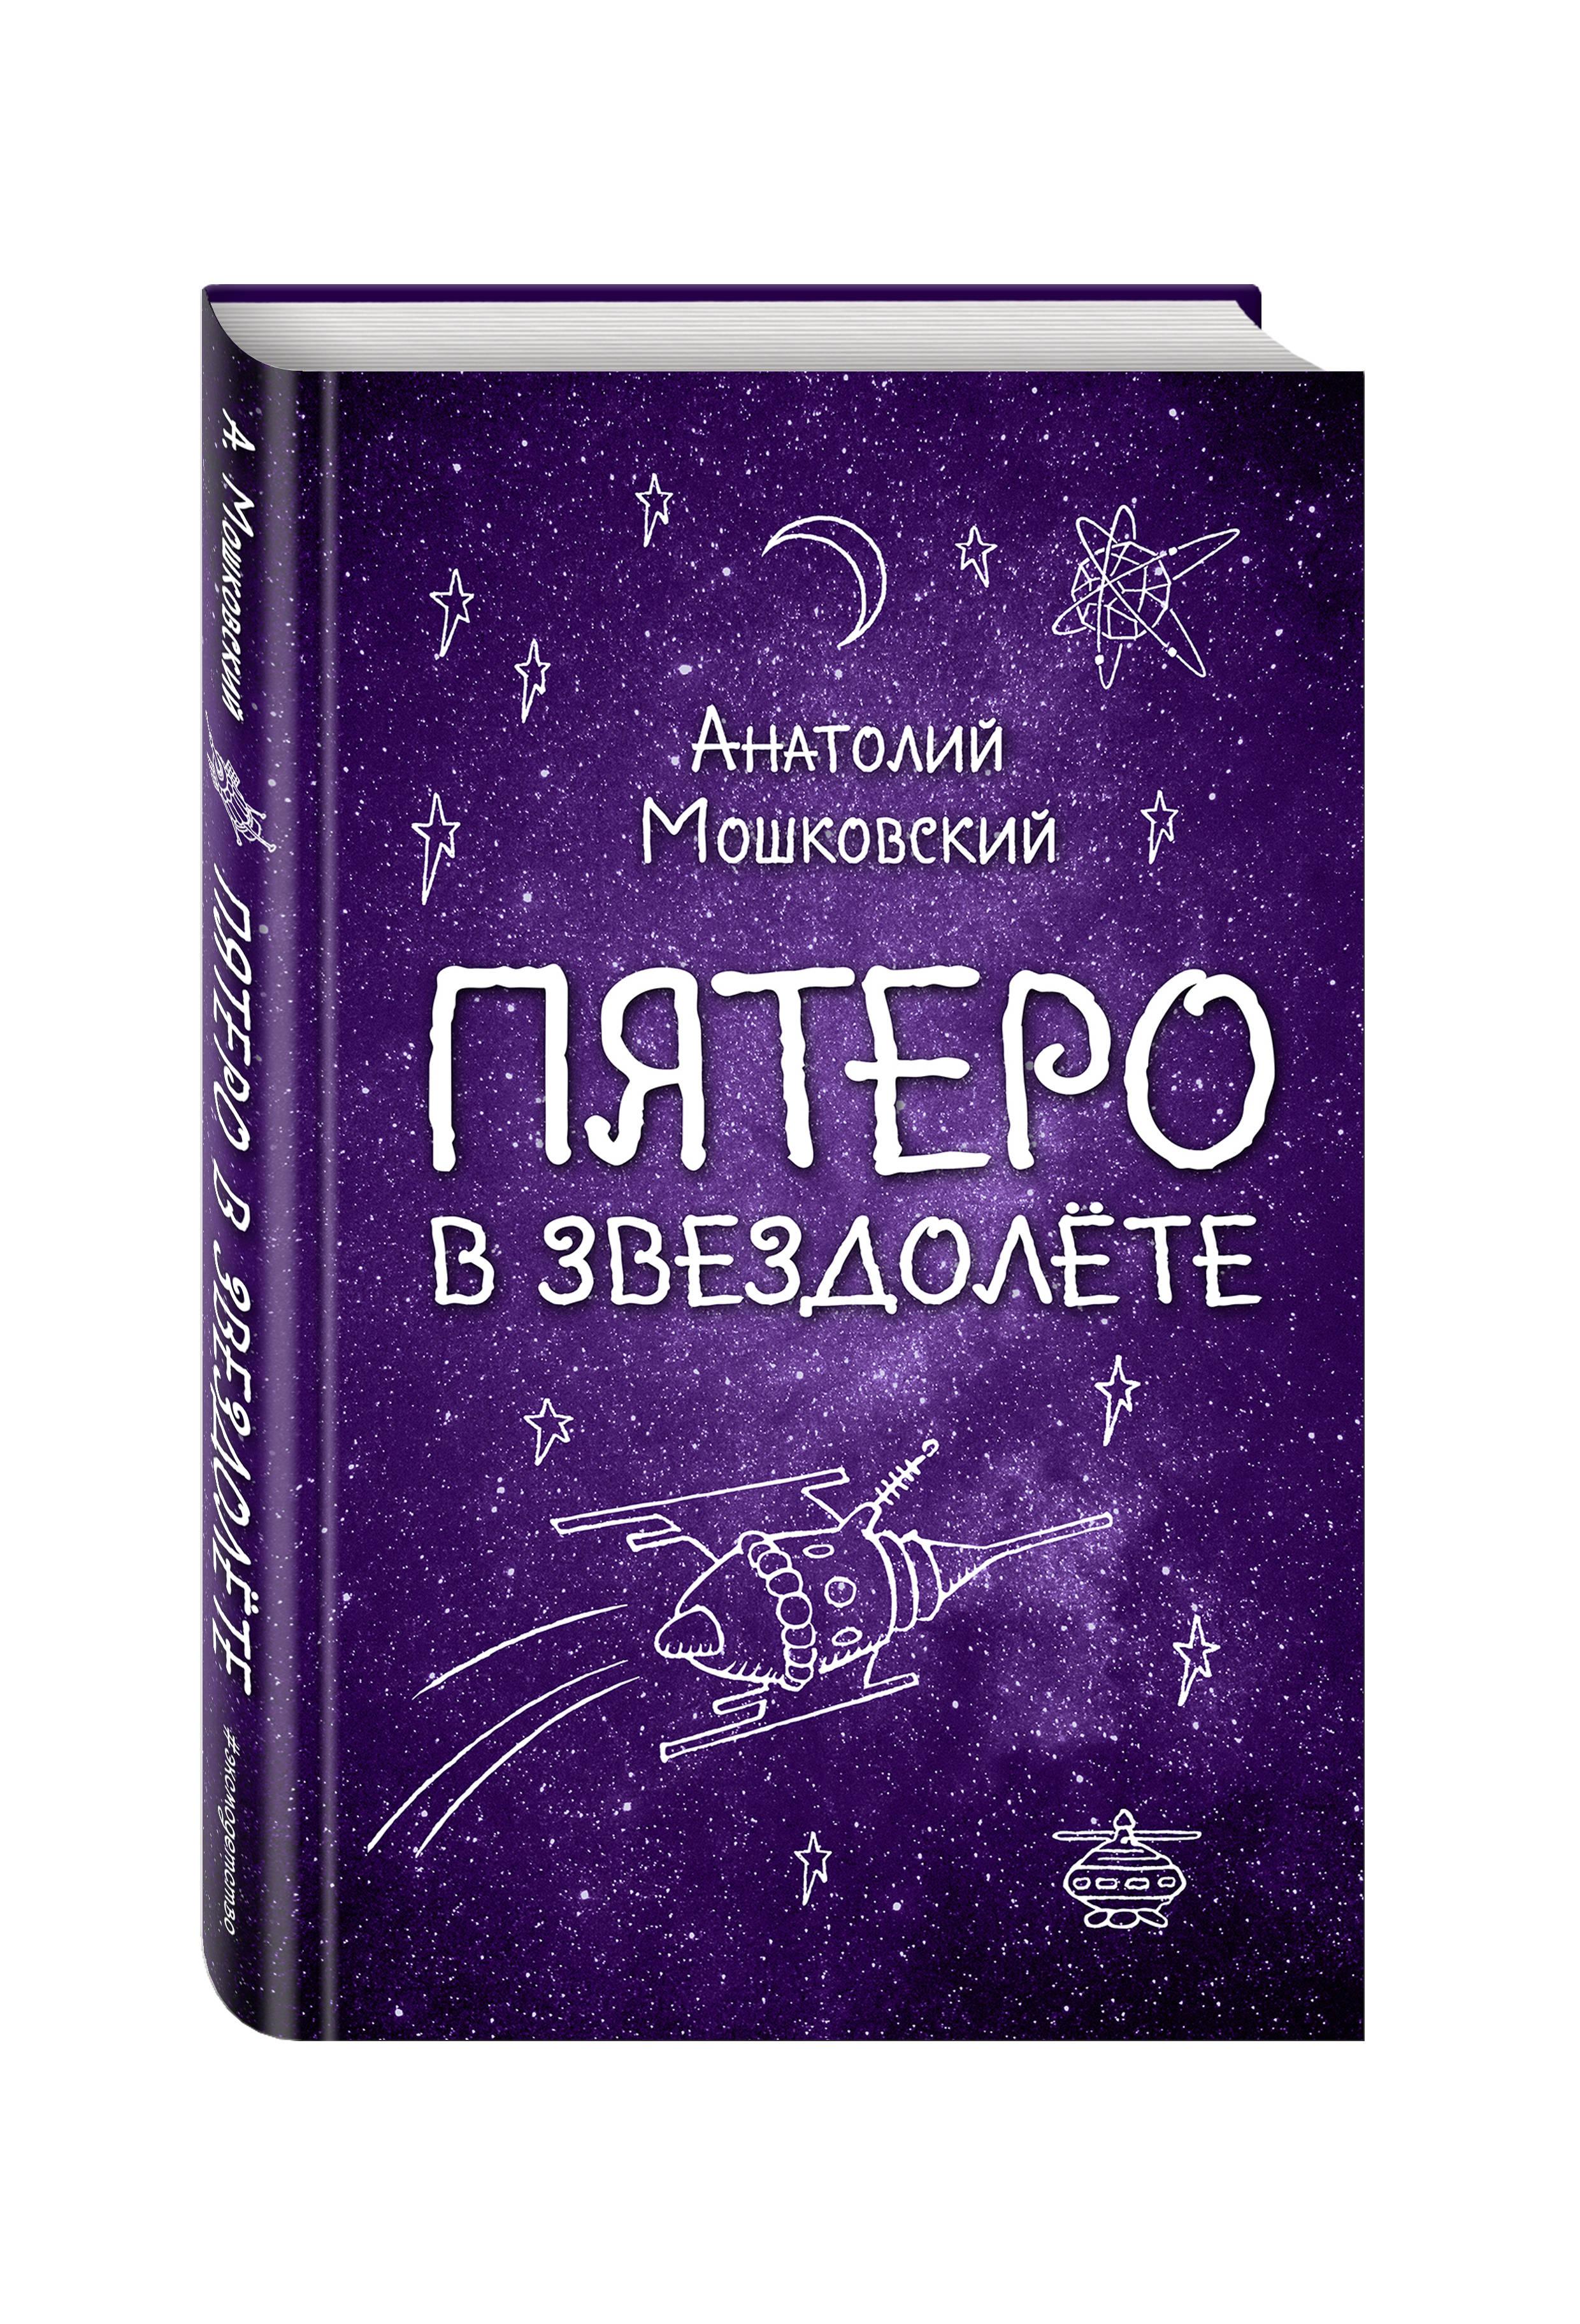 Пятеро в звездолете ( Мошковский А.И.  )